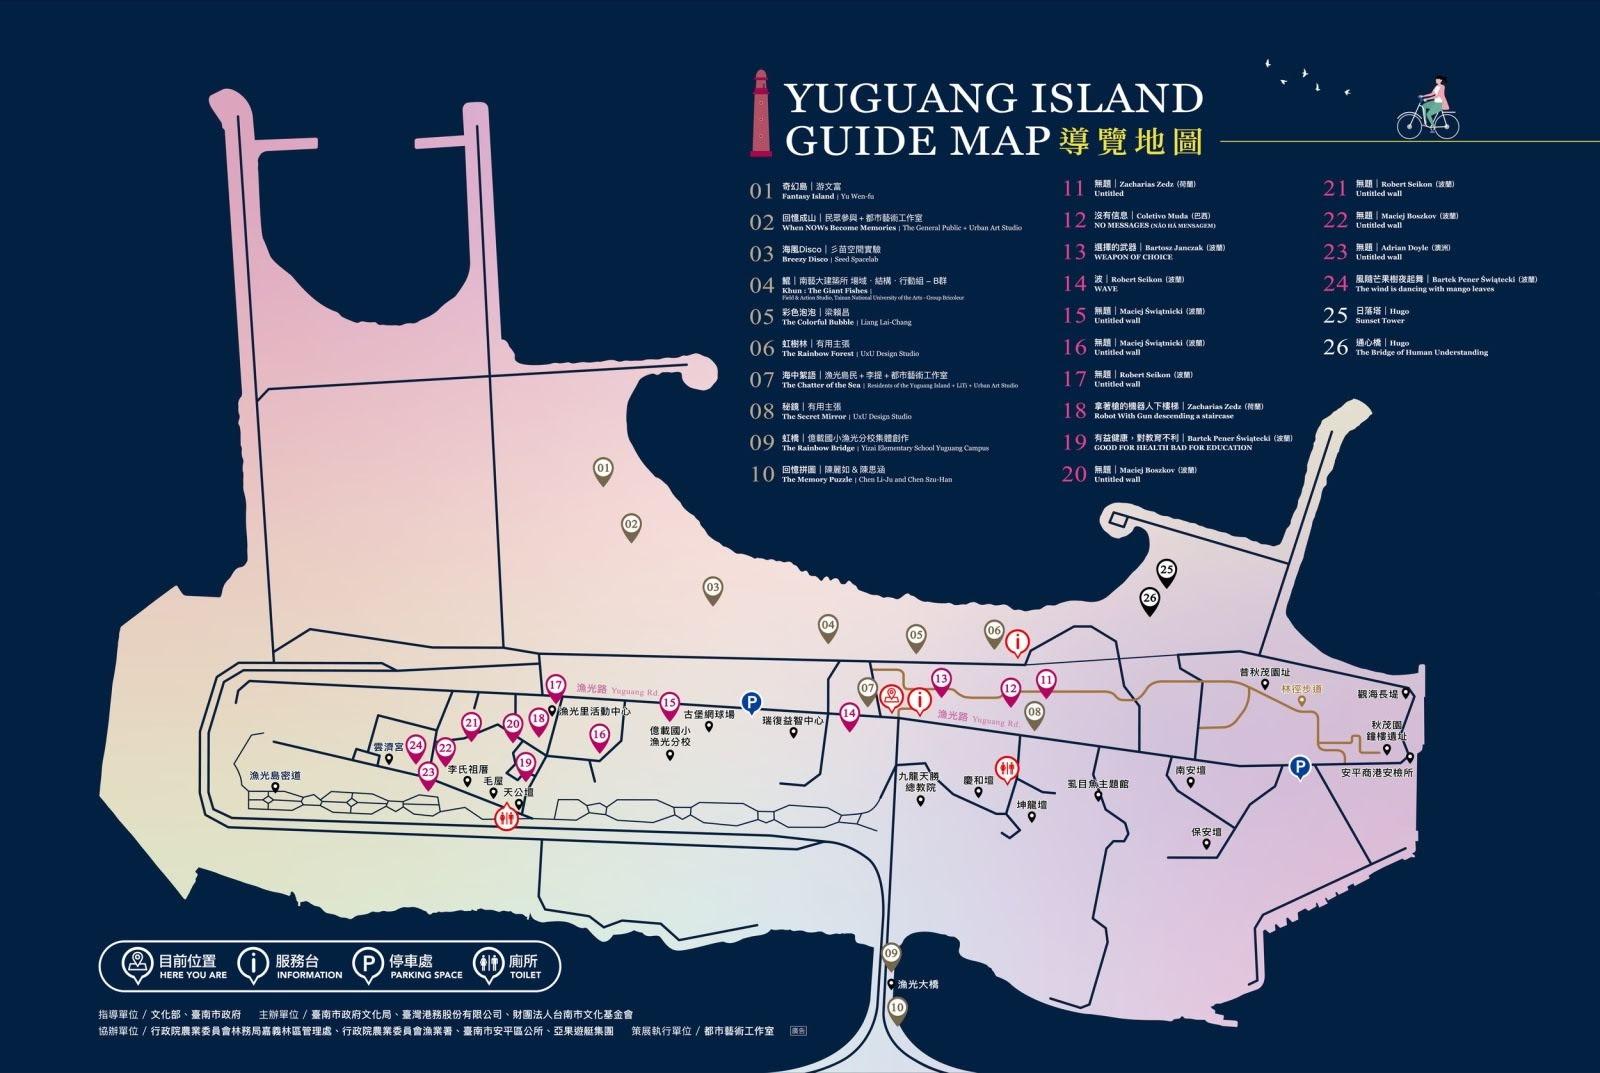 2019漁光島藝術節 官方導覽地圖出爐囉!